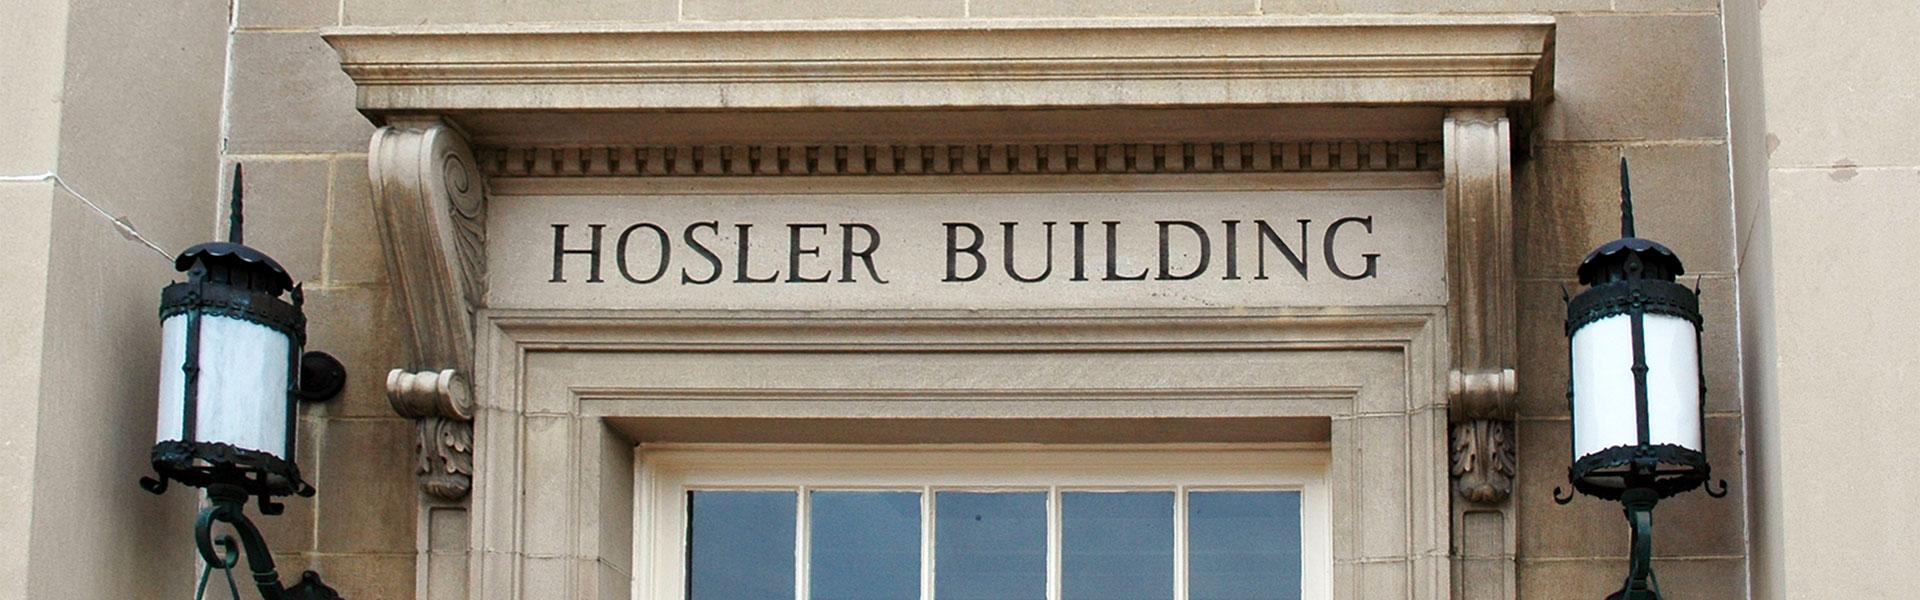 Hosler building